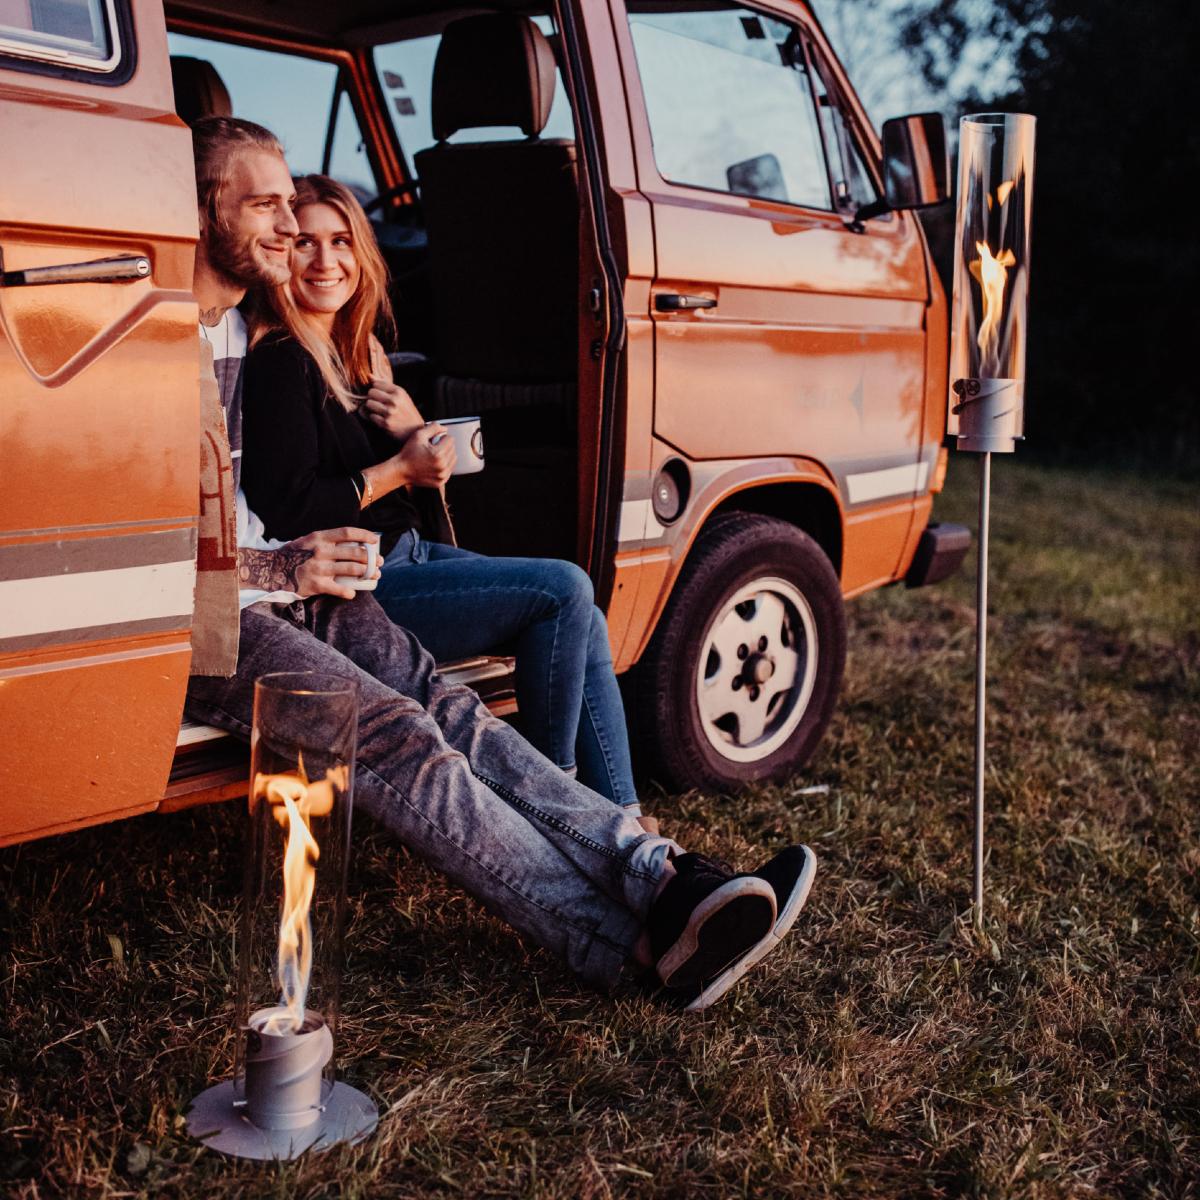 キャンプ場や庭の地面に挿して楽しむ|風を取り込んで炎が5倍になる卓上焚き火、ニオイ・煙・燃えカスが出にくい専用バイオエタノール燃料つきランタン|Höfats(フォーファッツ)